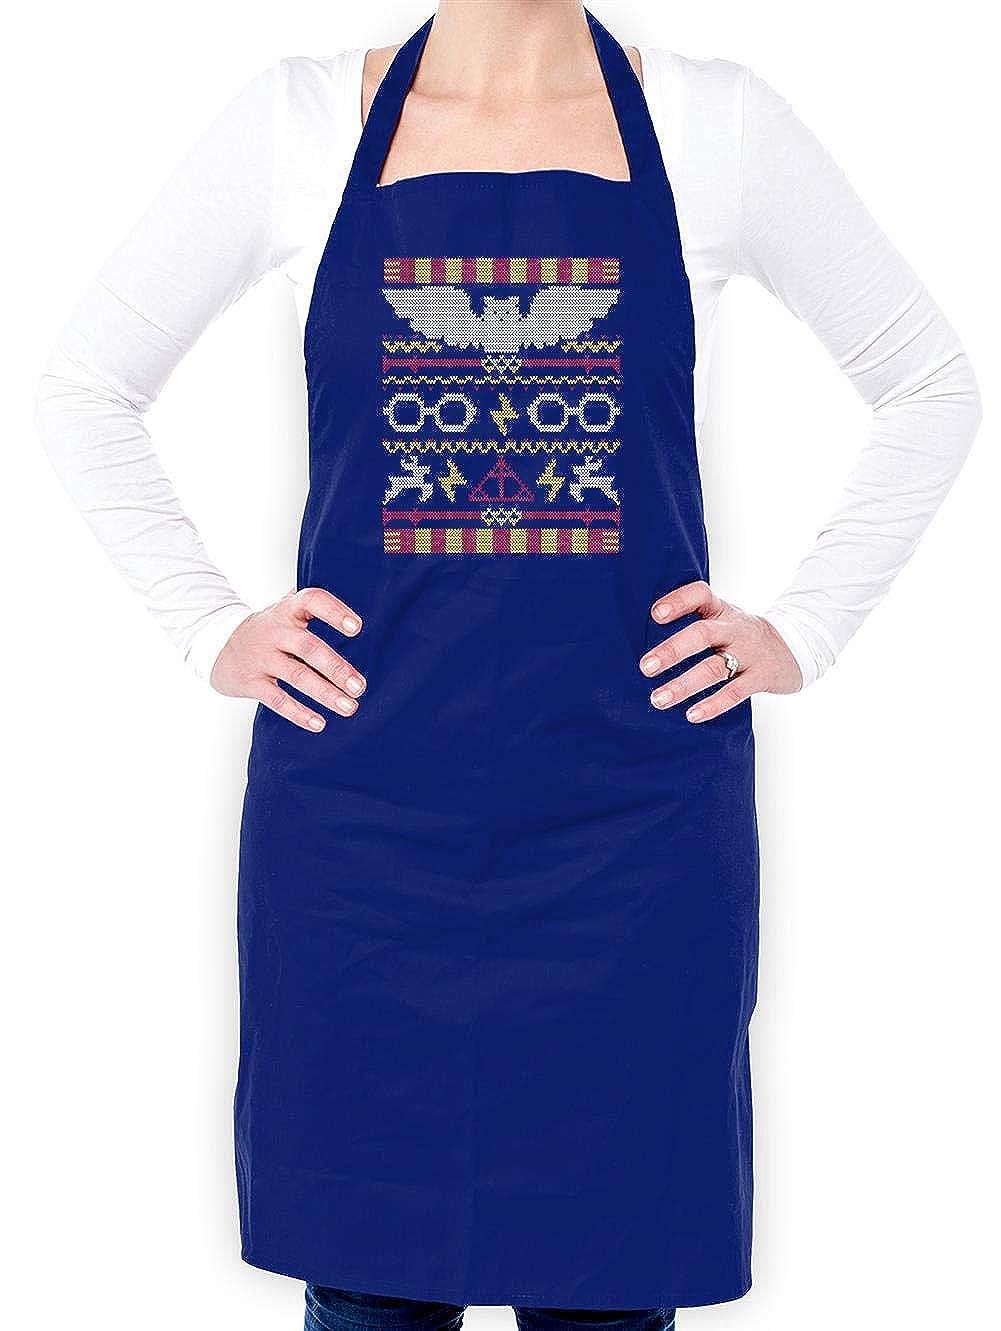 Unisex Fit Adult Apron 8 Colours Harry Christmas